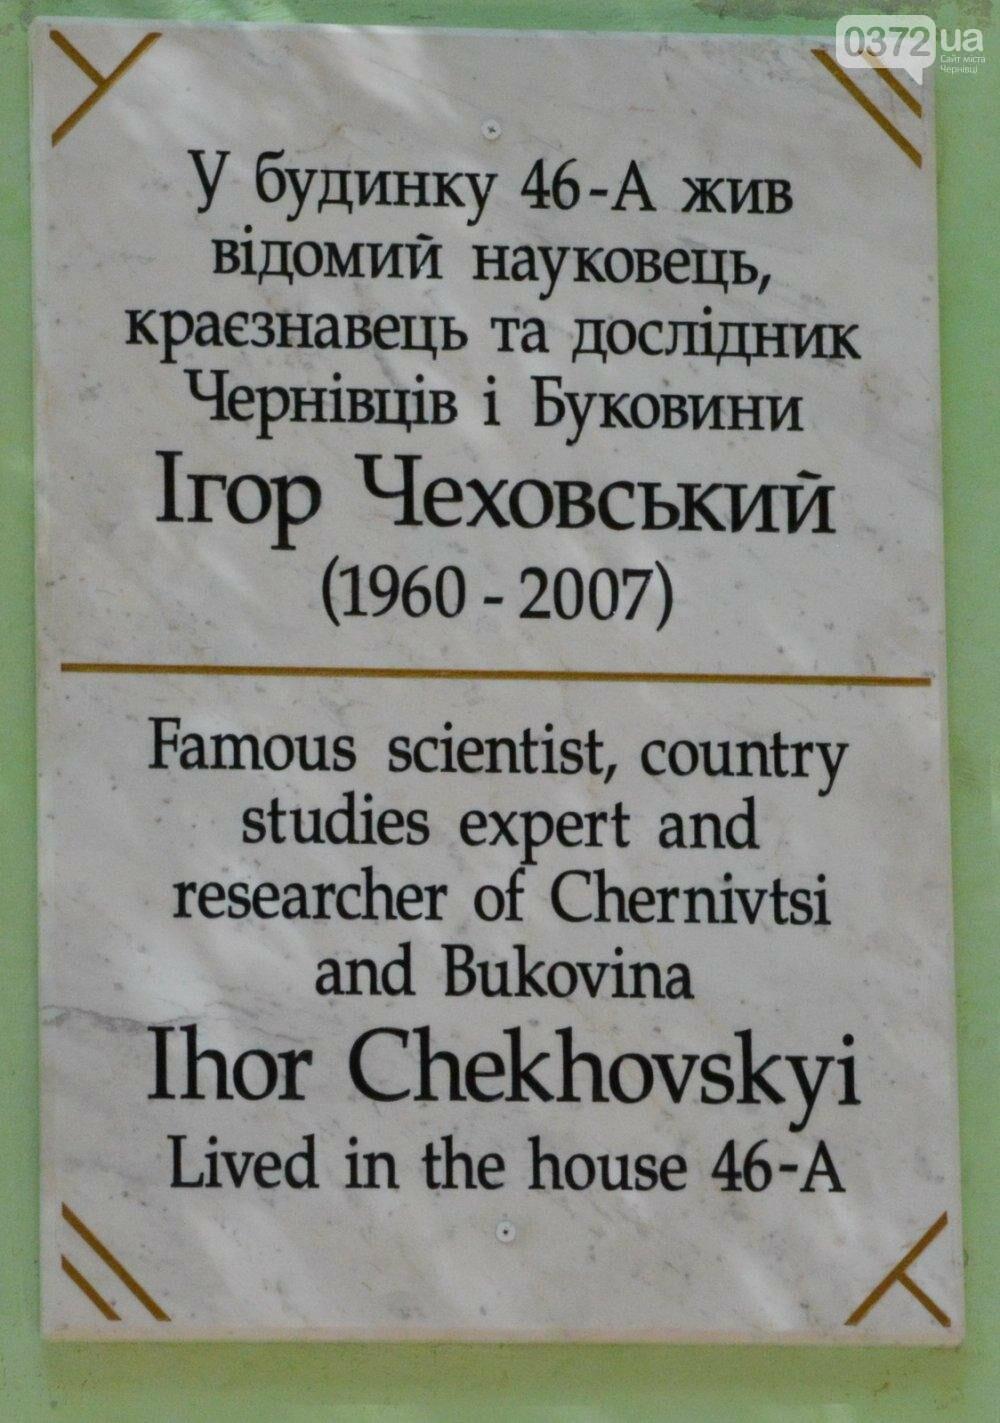 У Чернівцях відкрили меморіальну дошку Ігорю Чеховському, фото-3